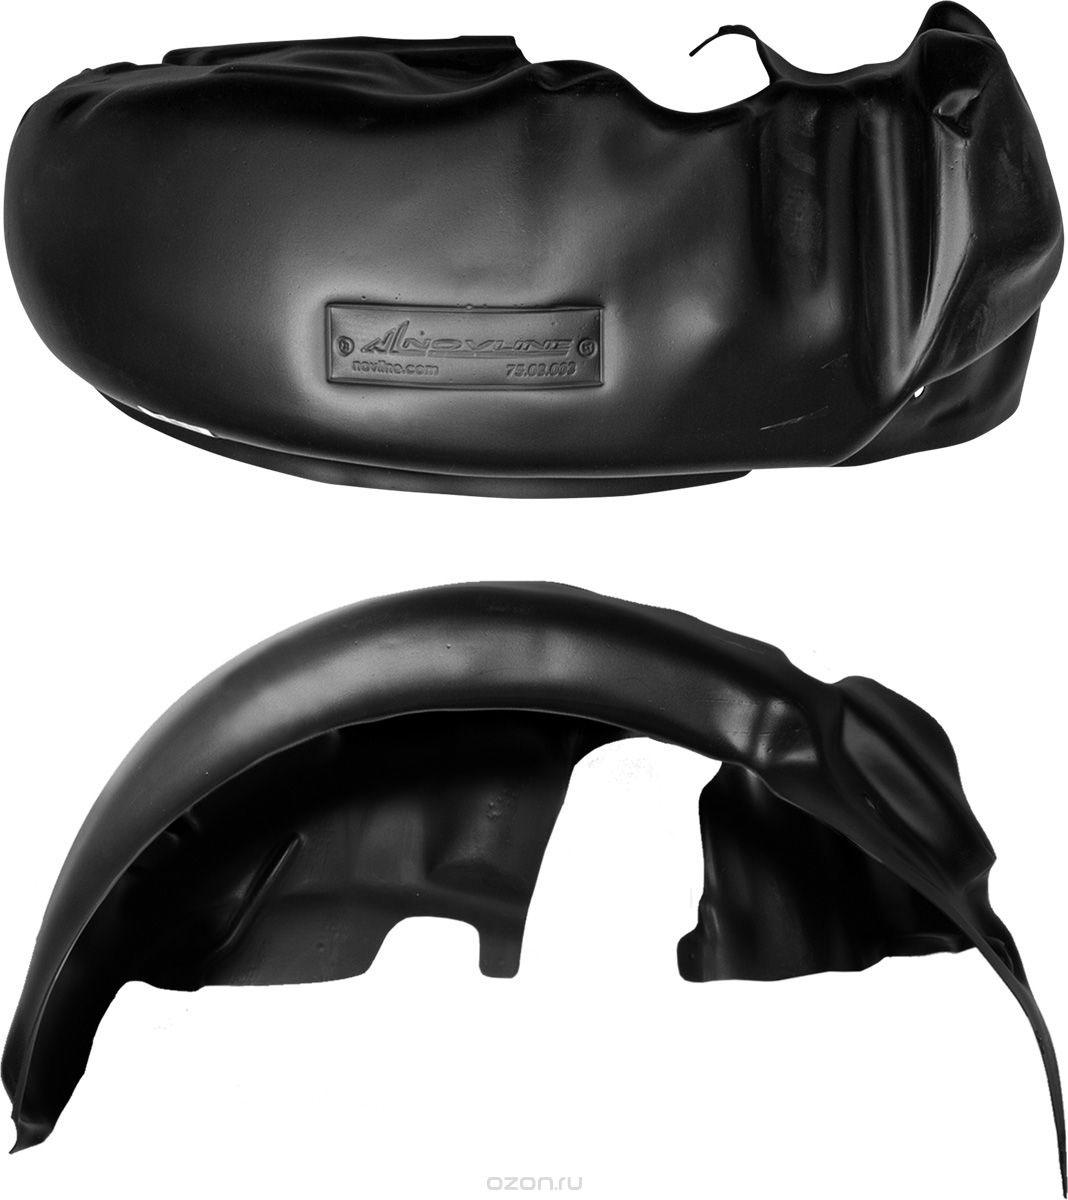 Подкрылок Novline-Autofamily, для Ford Transit, 2014->, передний правыйNLL.16.54.002Идеальная защита колесной ниши. Локеры разработаны с применением цифровых технологий, гарантируют максимальную повторяемость поверхности арки. Изделия устанавливаются без нарушения лакокрасочного покрытия автомобиля, каждый подкрылок комплектуется крепежом. Уважаемые клиенты, обращаем ваше внимание, что фотографии на подкрылки универсальные и не отражают реальную форму изделия. При этом само изделие идет точно под размер указанного автомобиля.